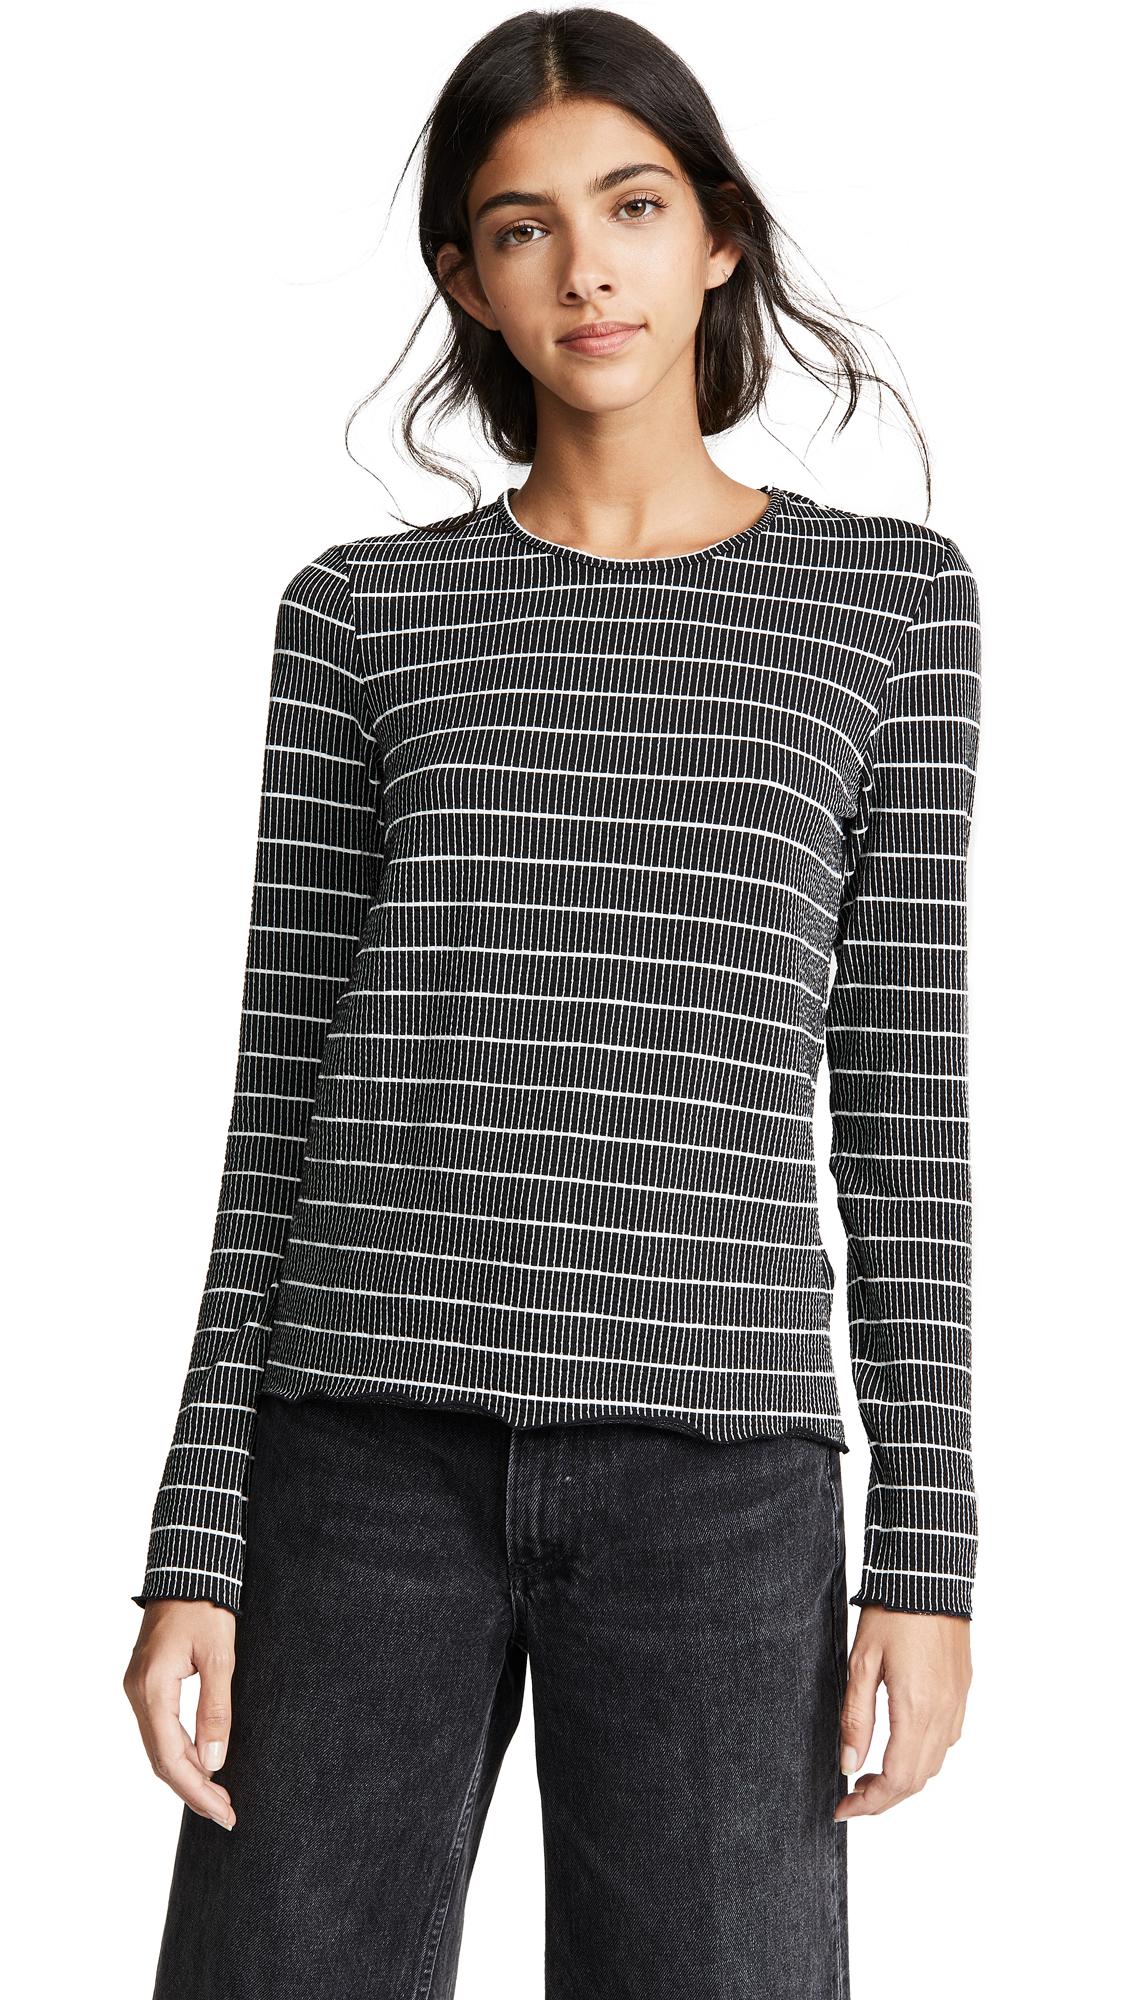 The Fifth Label Dearest Stripe Long Sleeve Tee In Black/White